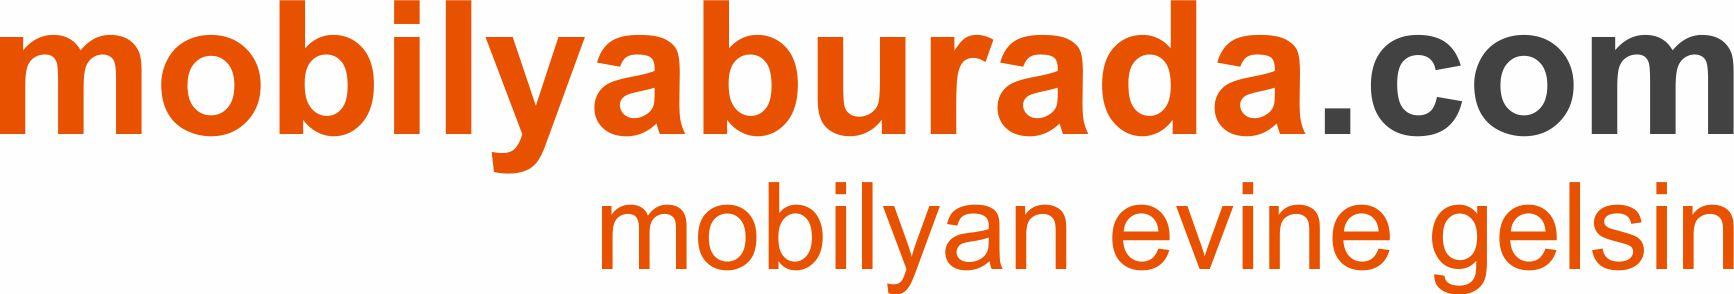 mobilyaburada.com